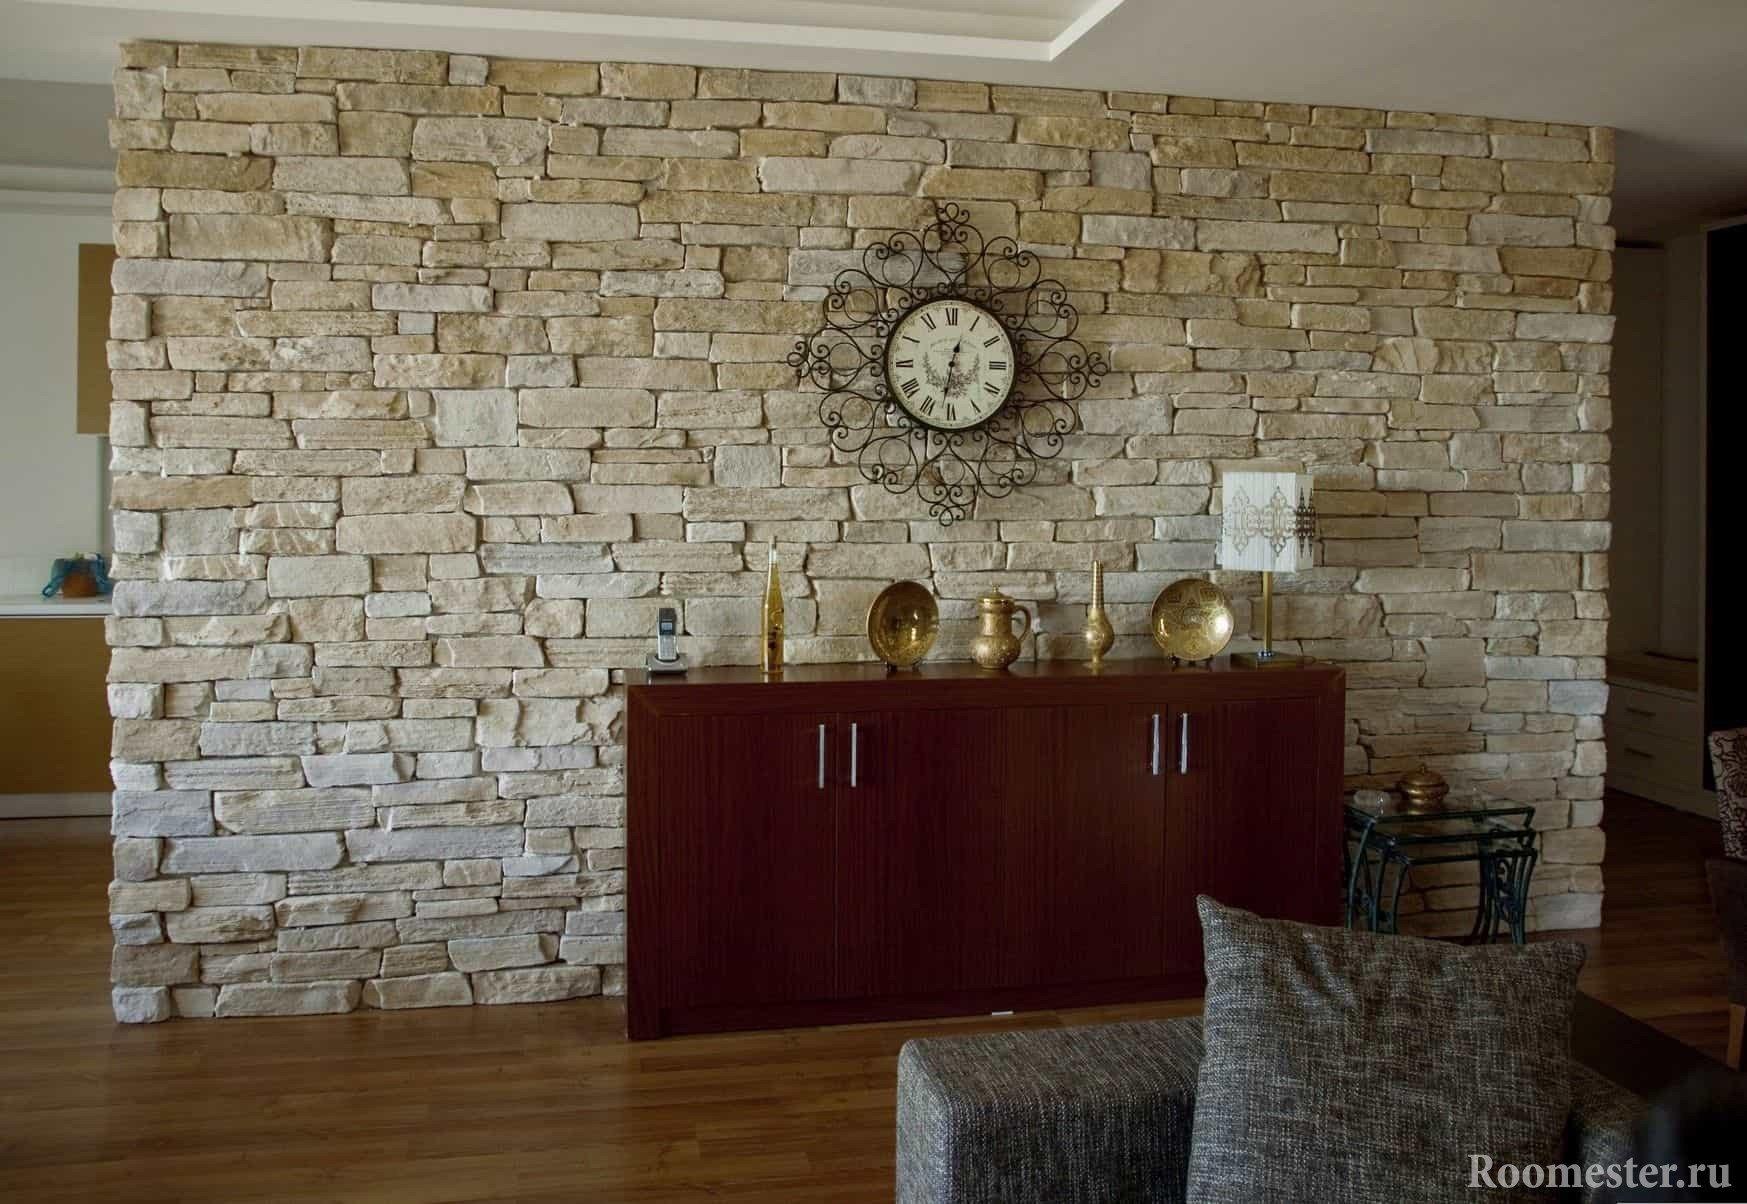 Стена отделанная искусственным камнем